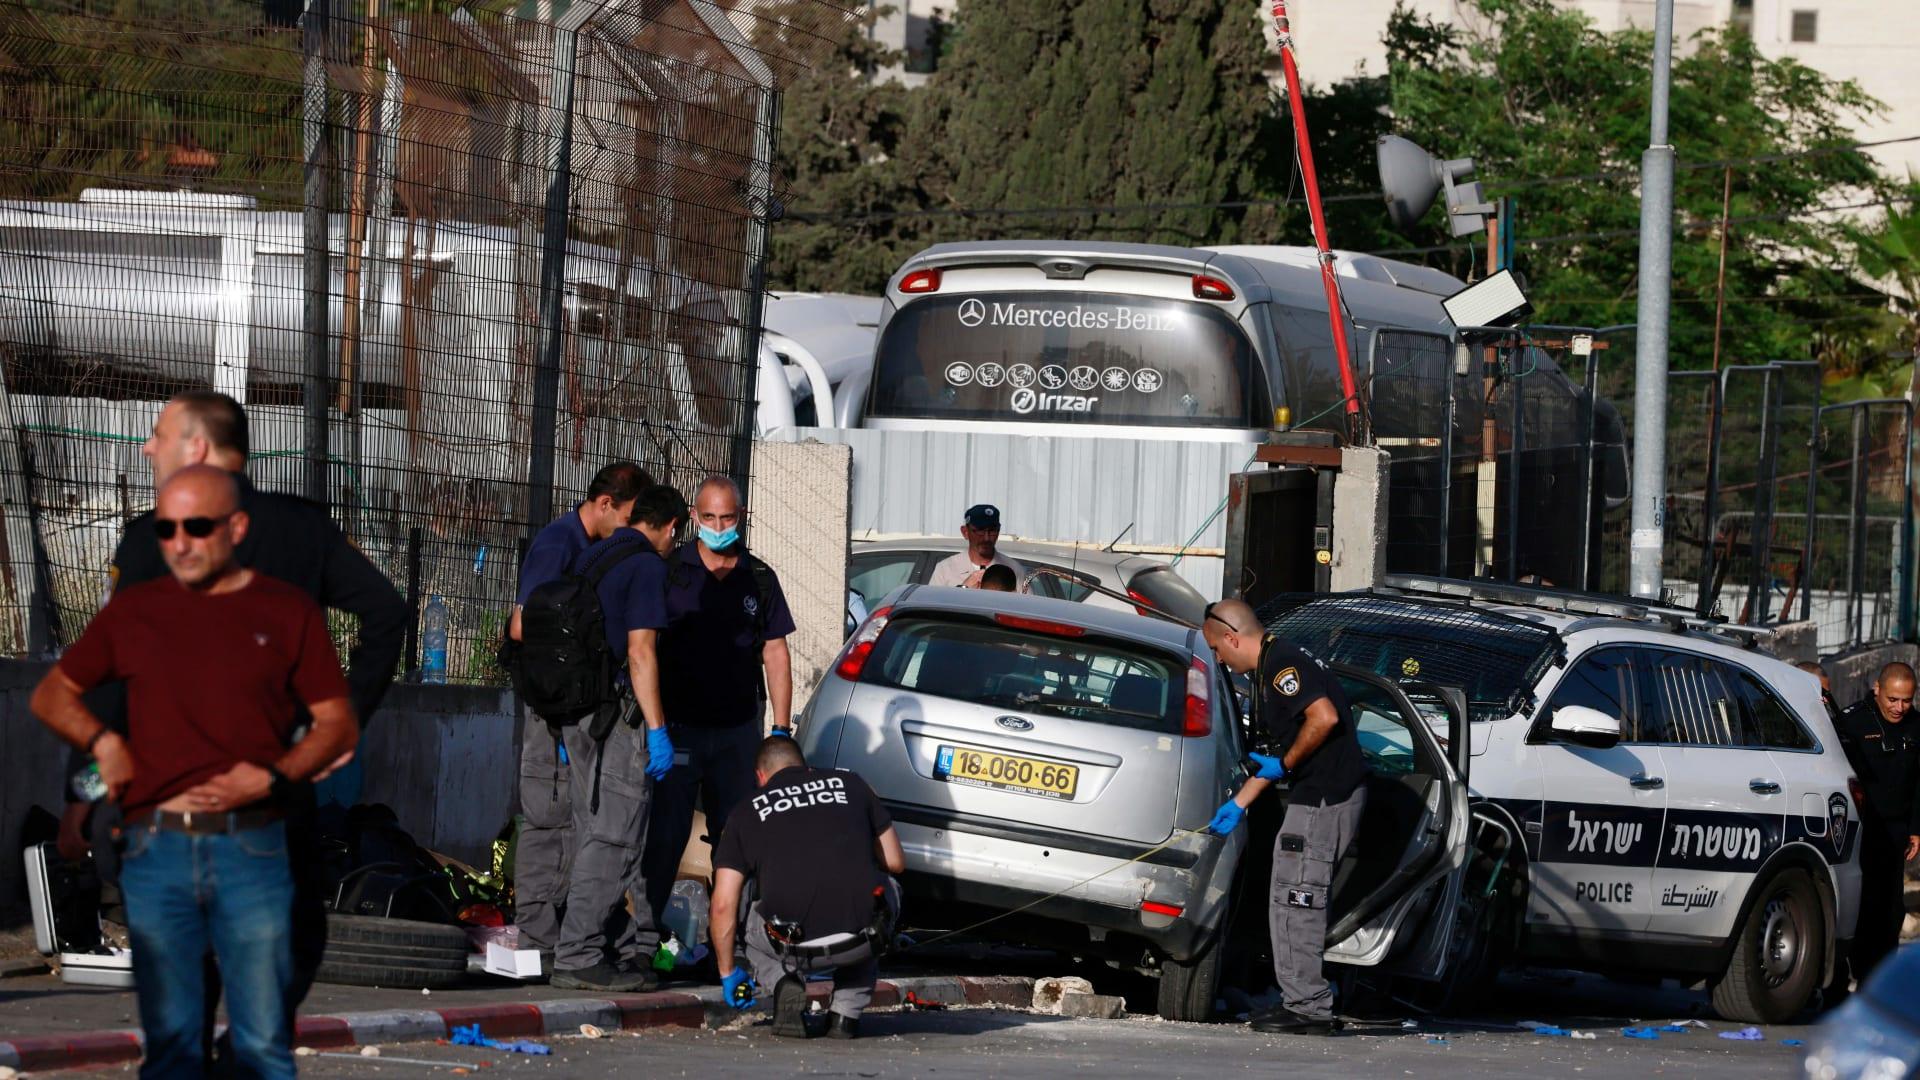 فلسطينيون في غزة يبحثون بين الأنقاض عن ناجين وجثث مع تواصل الضربات الإسرائيلية